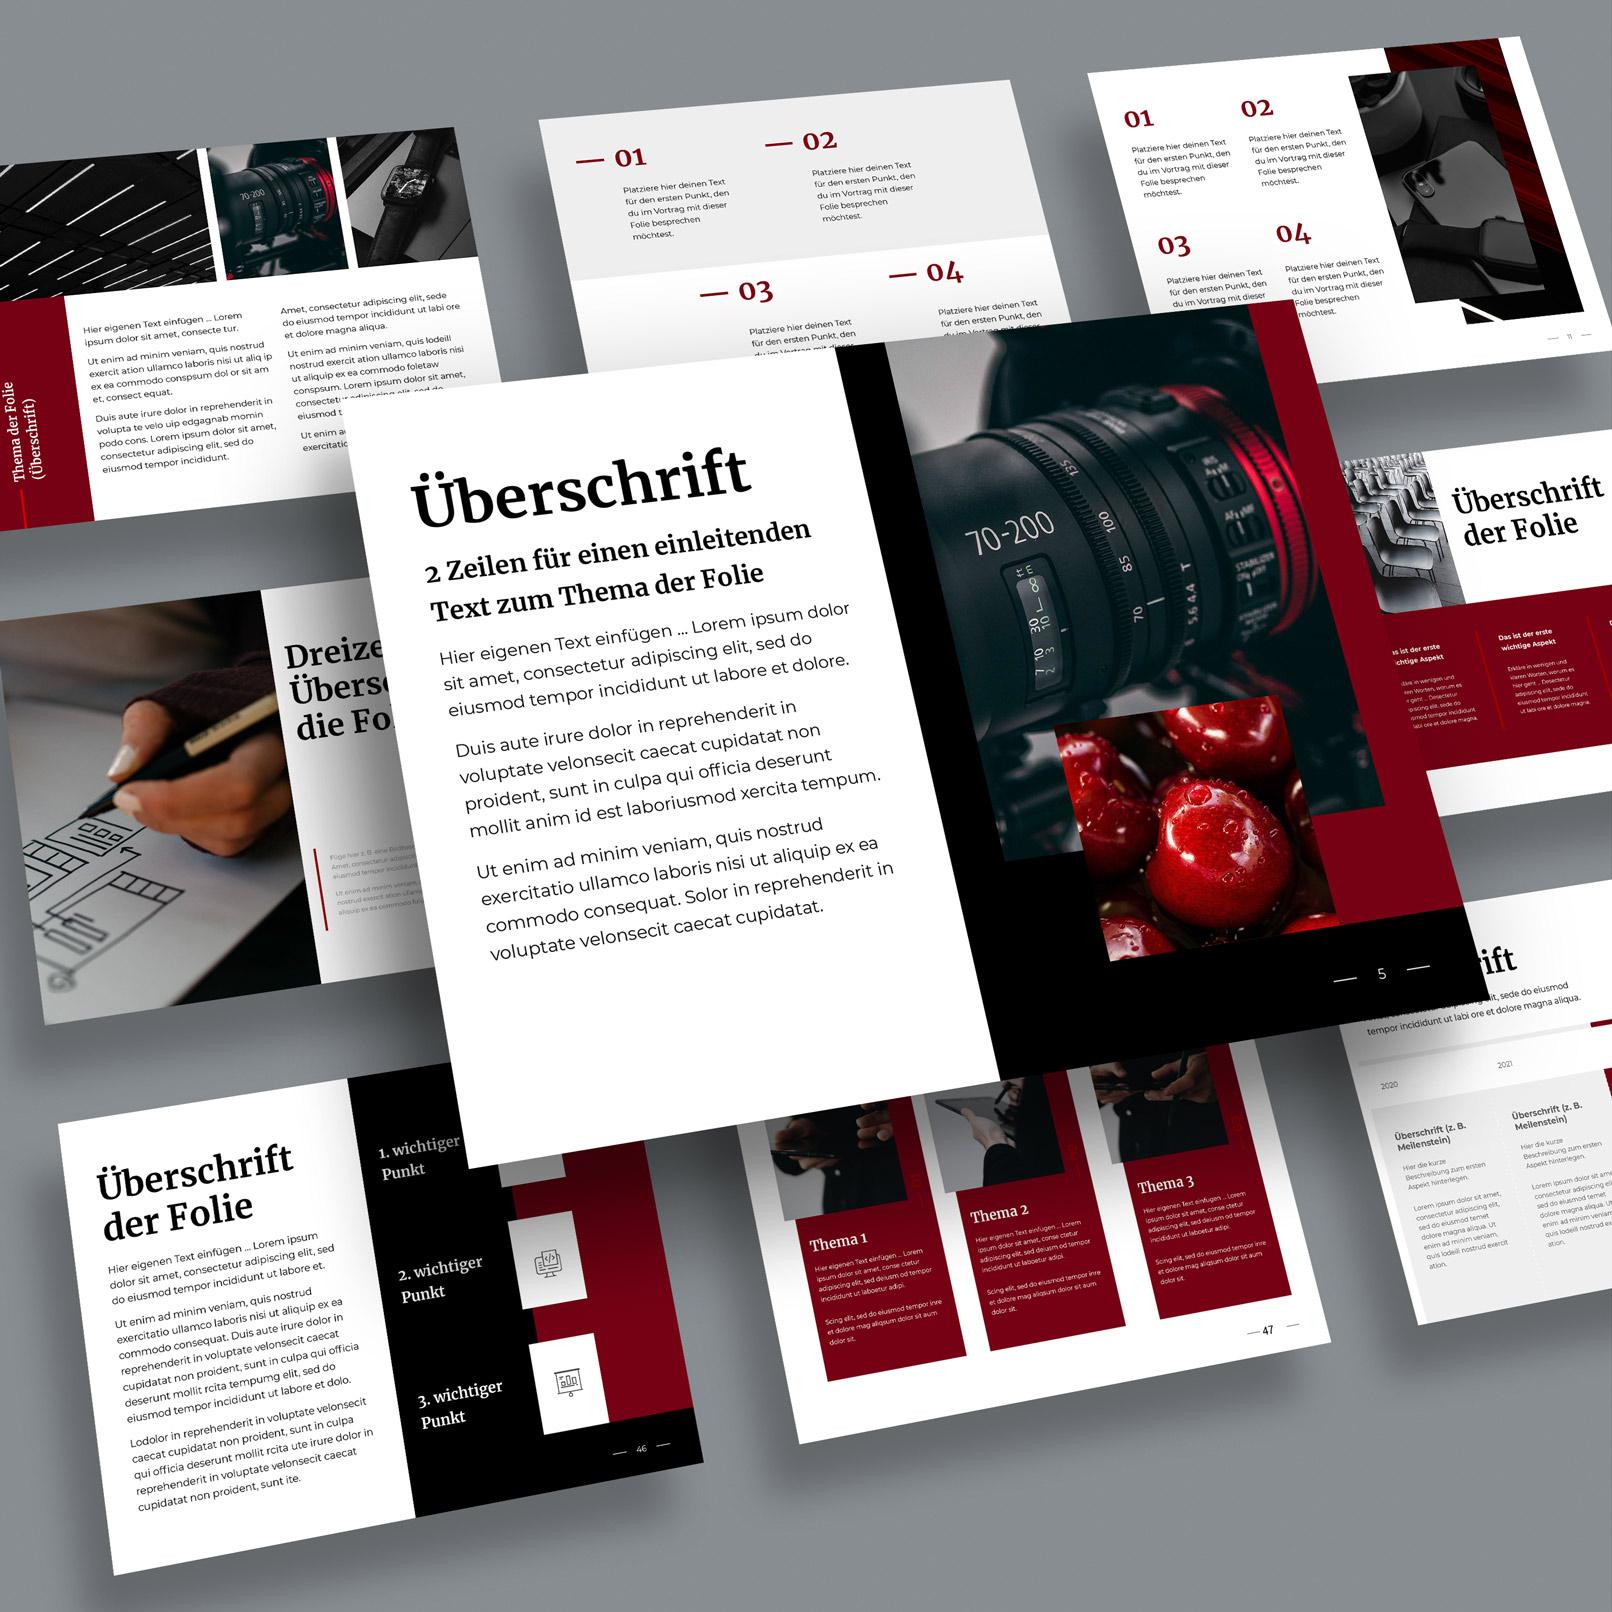 Photoshop-Mockups für Präsentationsfolien im 4:3-Format: Beispiel einer Präsentation auf einem Mockup mit frei schwebenden Karten